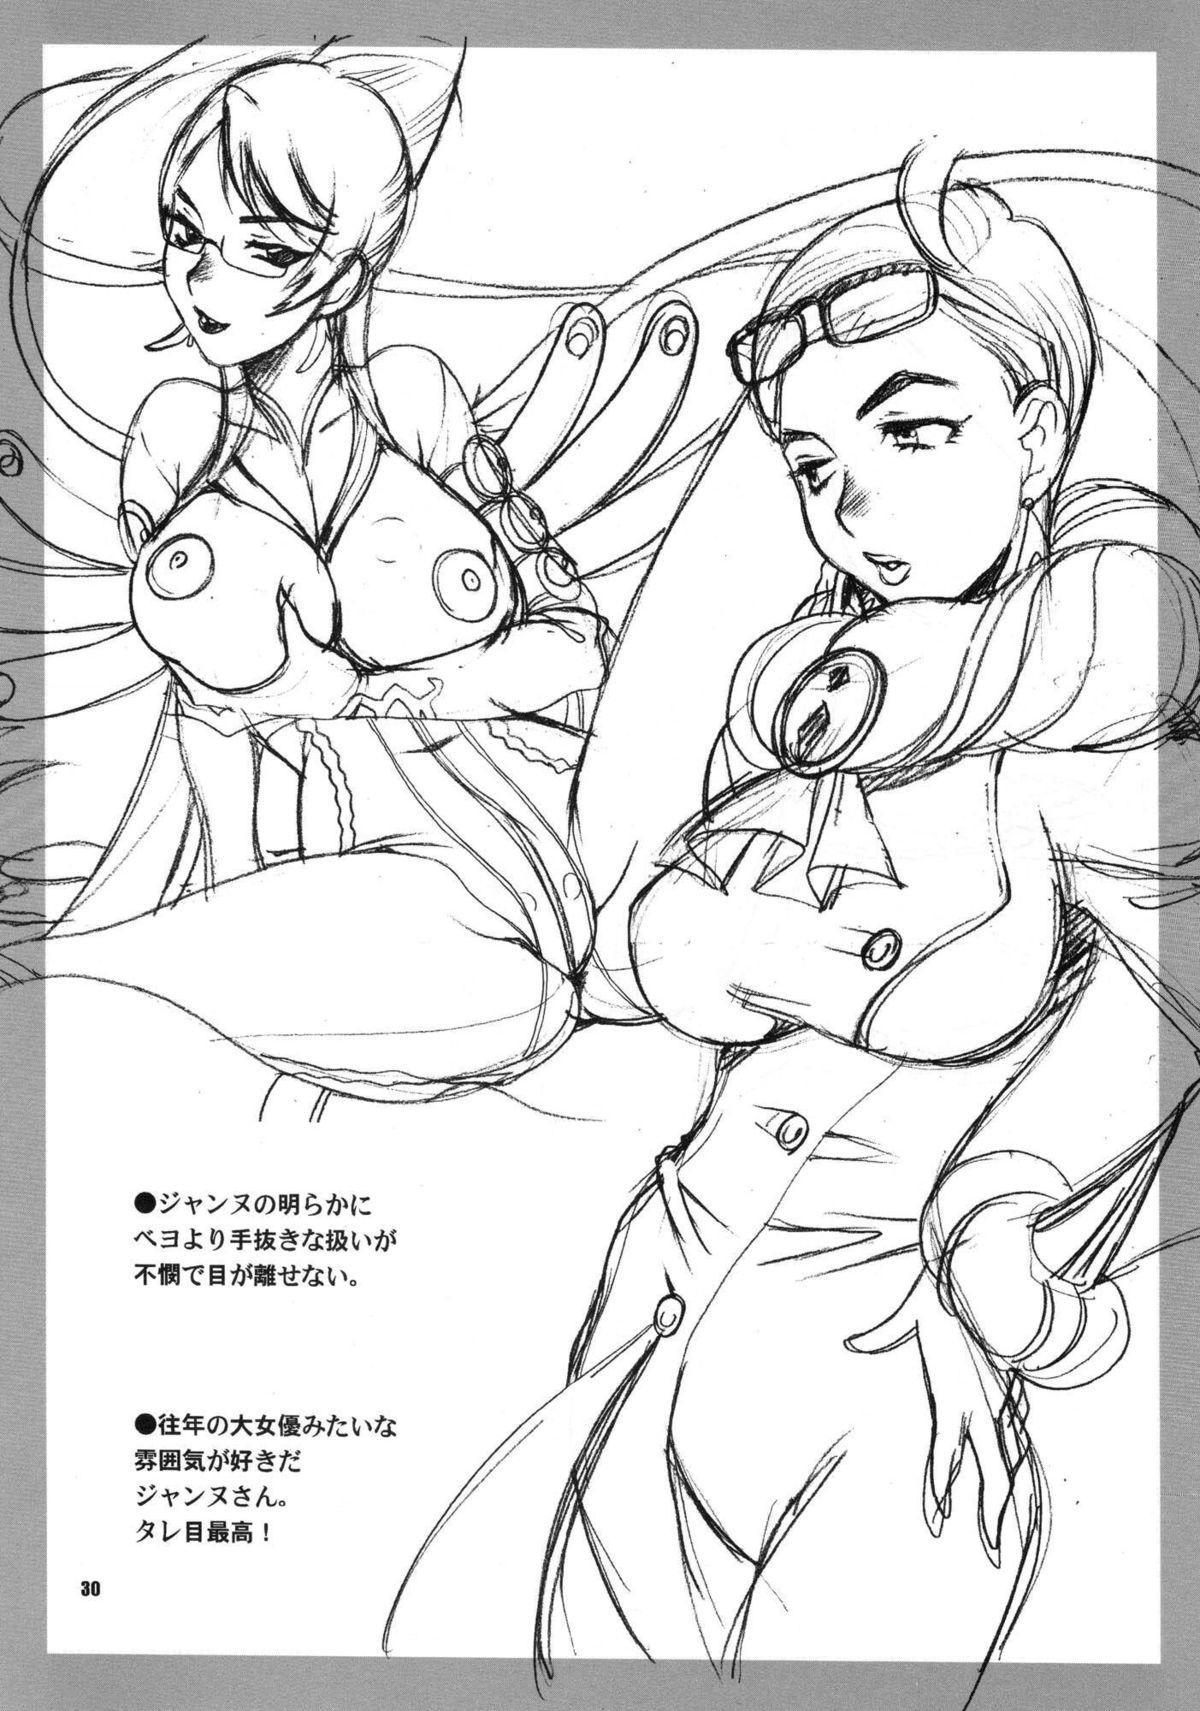 Yukiyanagi no Hon 22 Bitch Time! 26